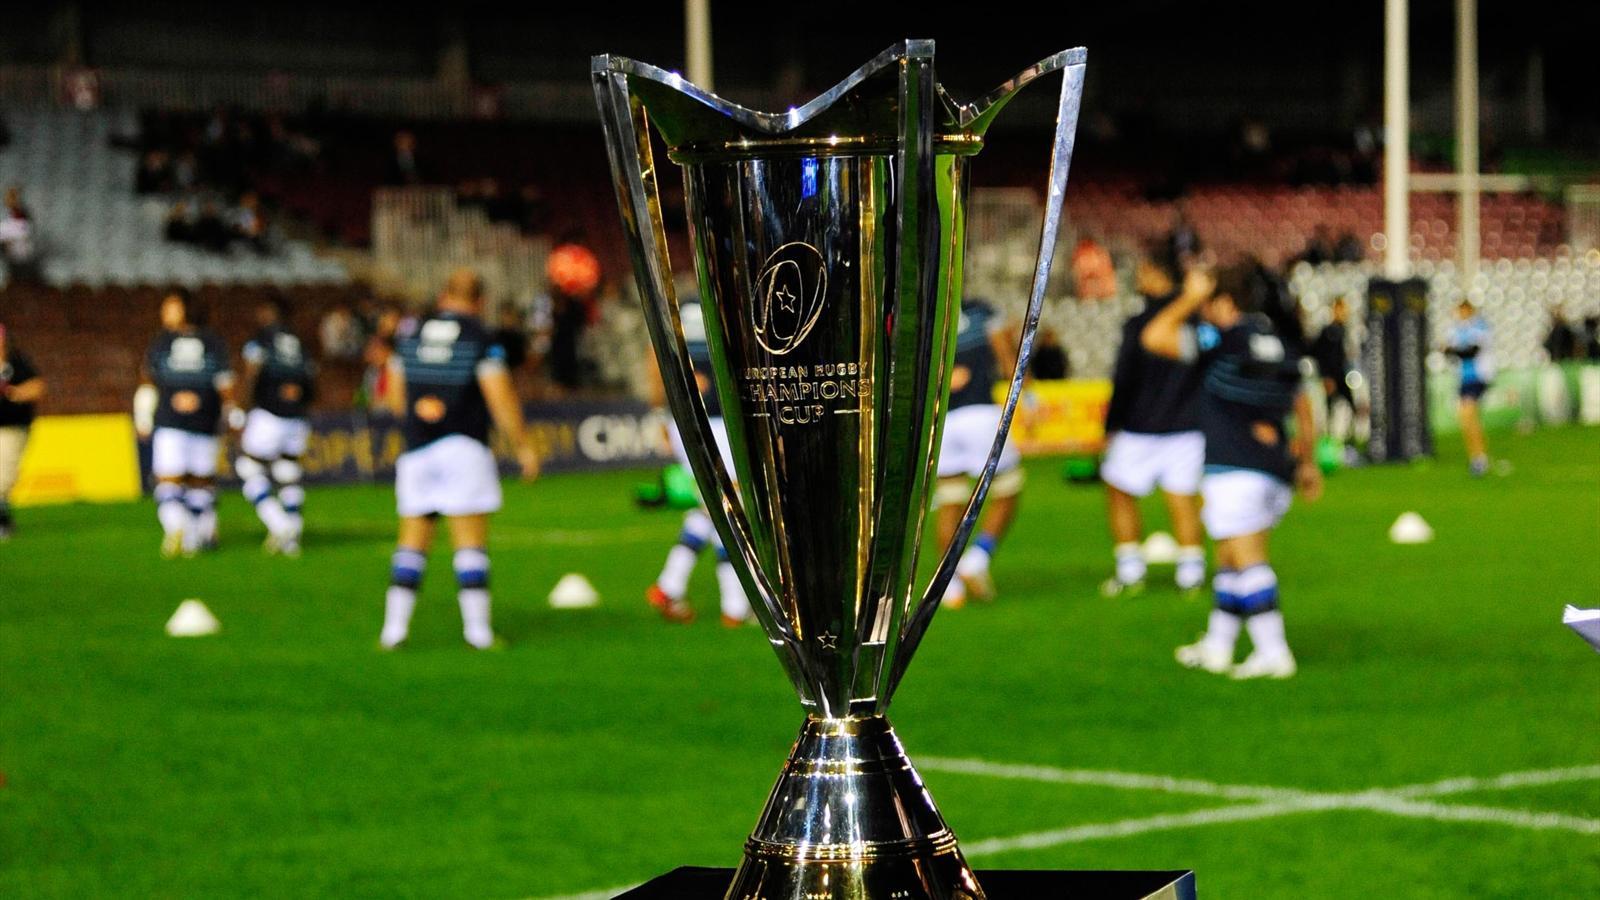 Les finales marquantes de Coupe d'Europe de Rugby entre clubs français